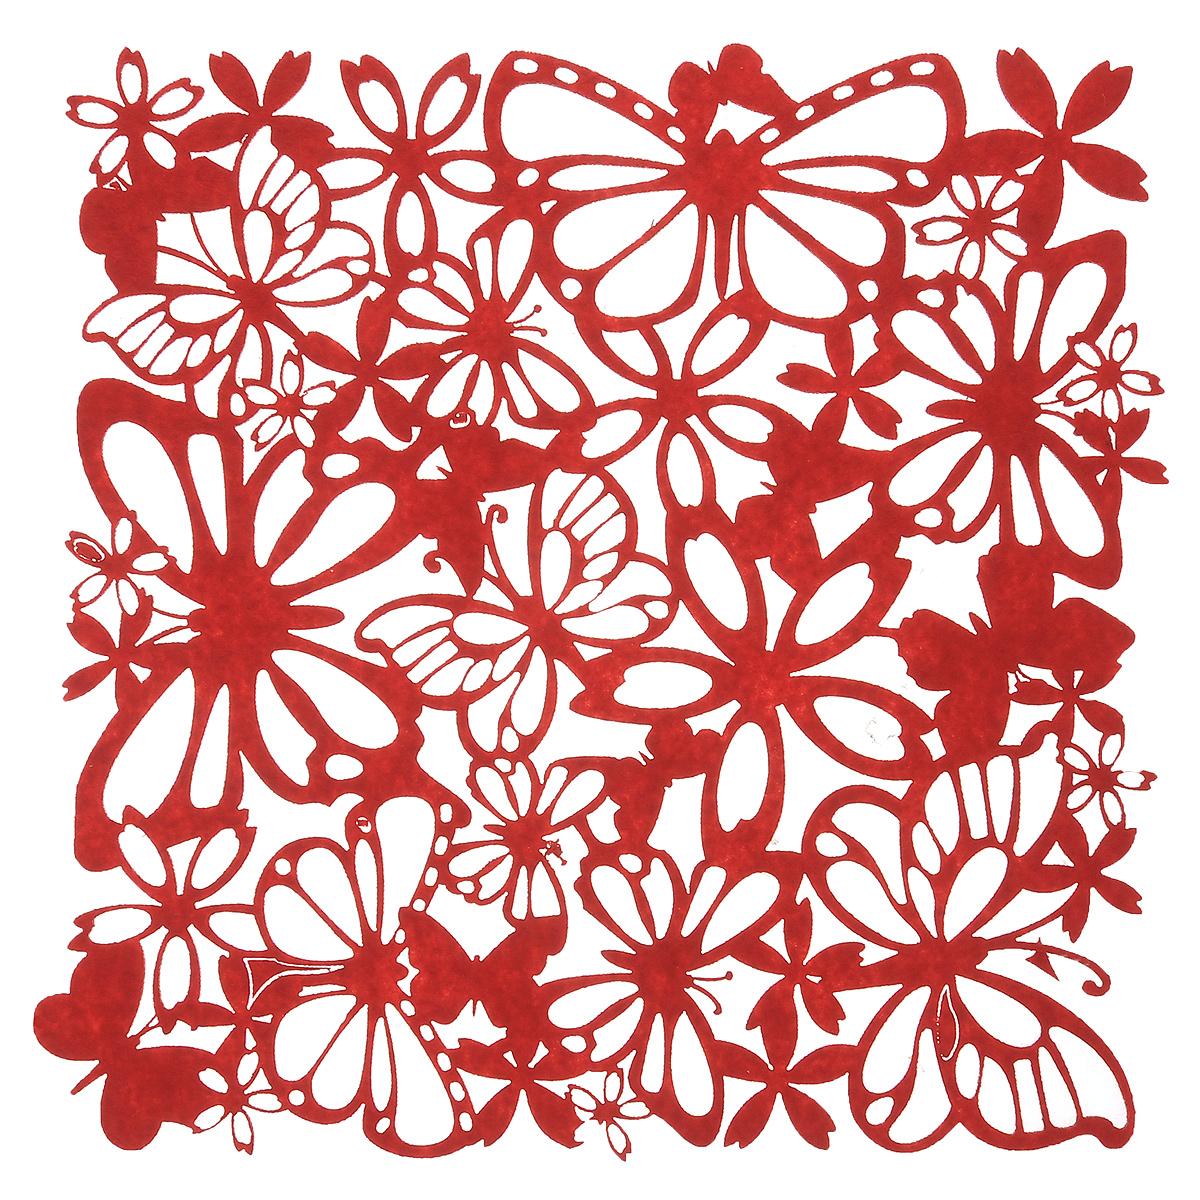 Салфетка Home Queen Взмах крыльев, цвет: красный, 30 х 30 см66841Квадратная салфетка Home Queen Взмах крыльев изготовлена из фетра и оформлена изысканной перфорацией в виде цветочных узоров и бабочек. Такая салфетка прекрасно подойдет для украшения интерьера кухни, она сбережет стол от высоких температур и грязи.